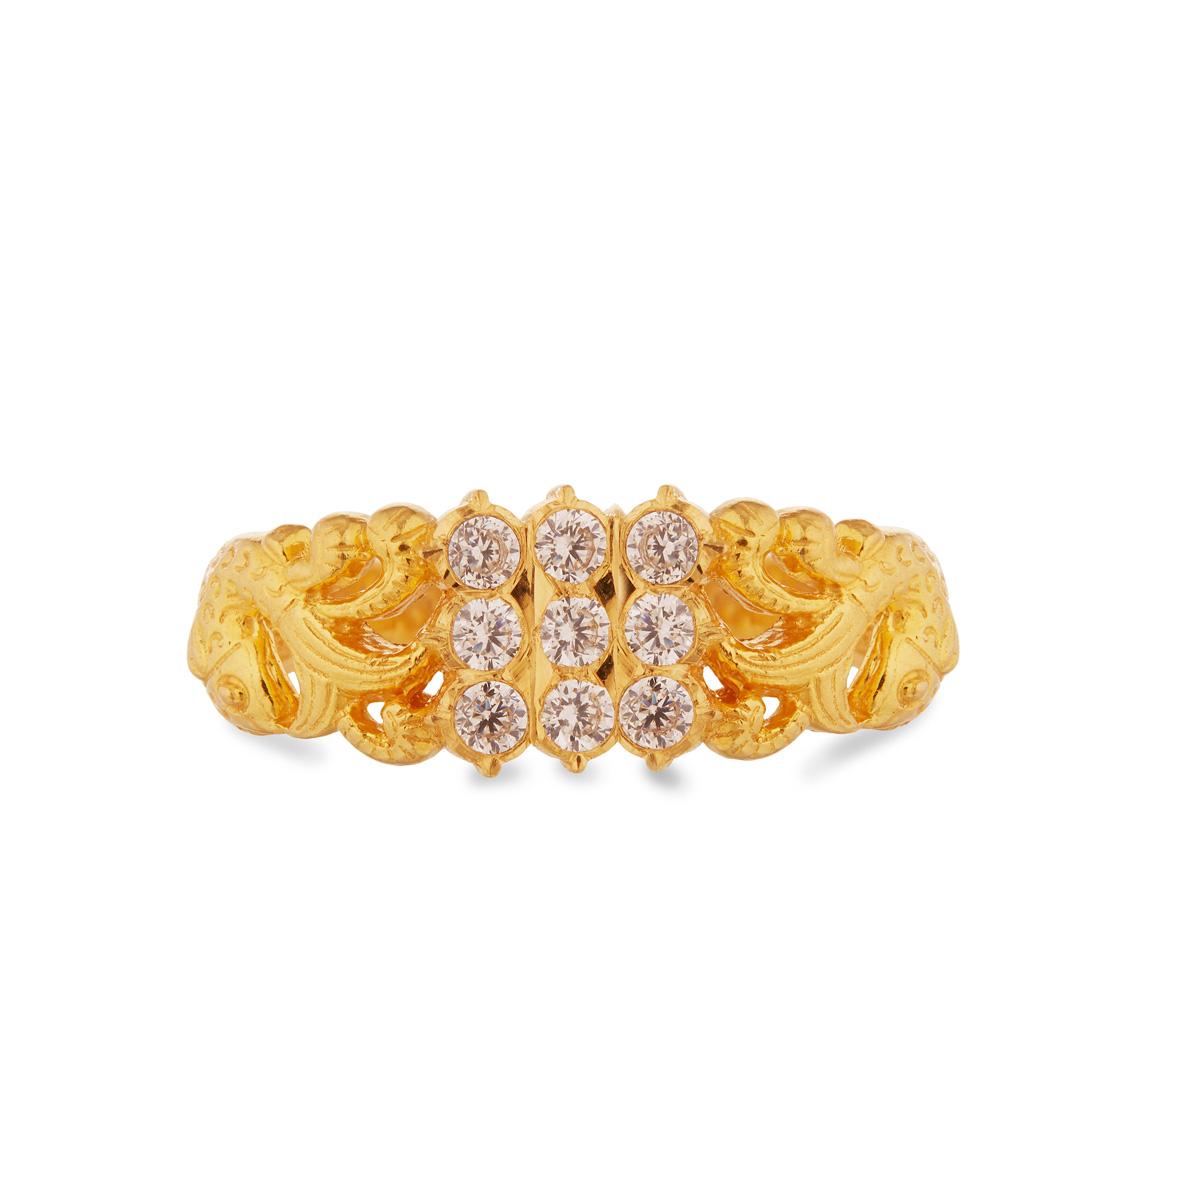 Astonishing Ring